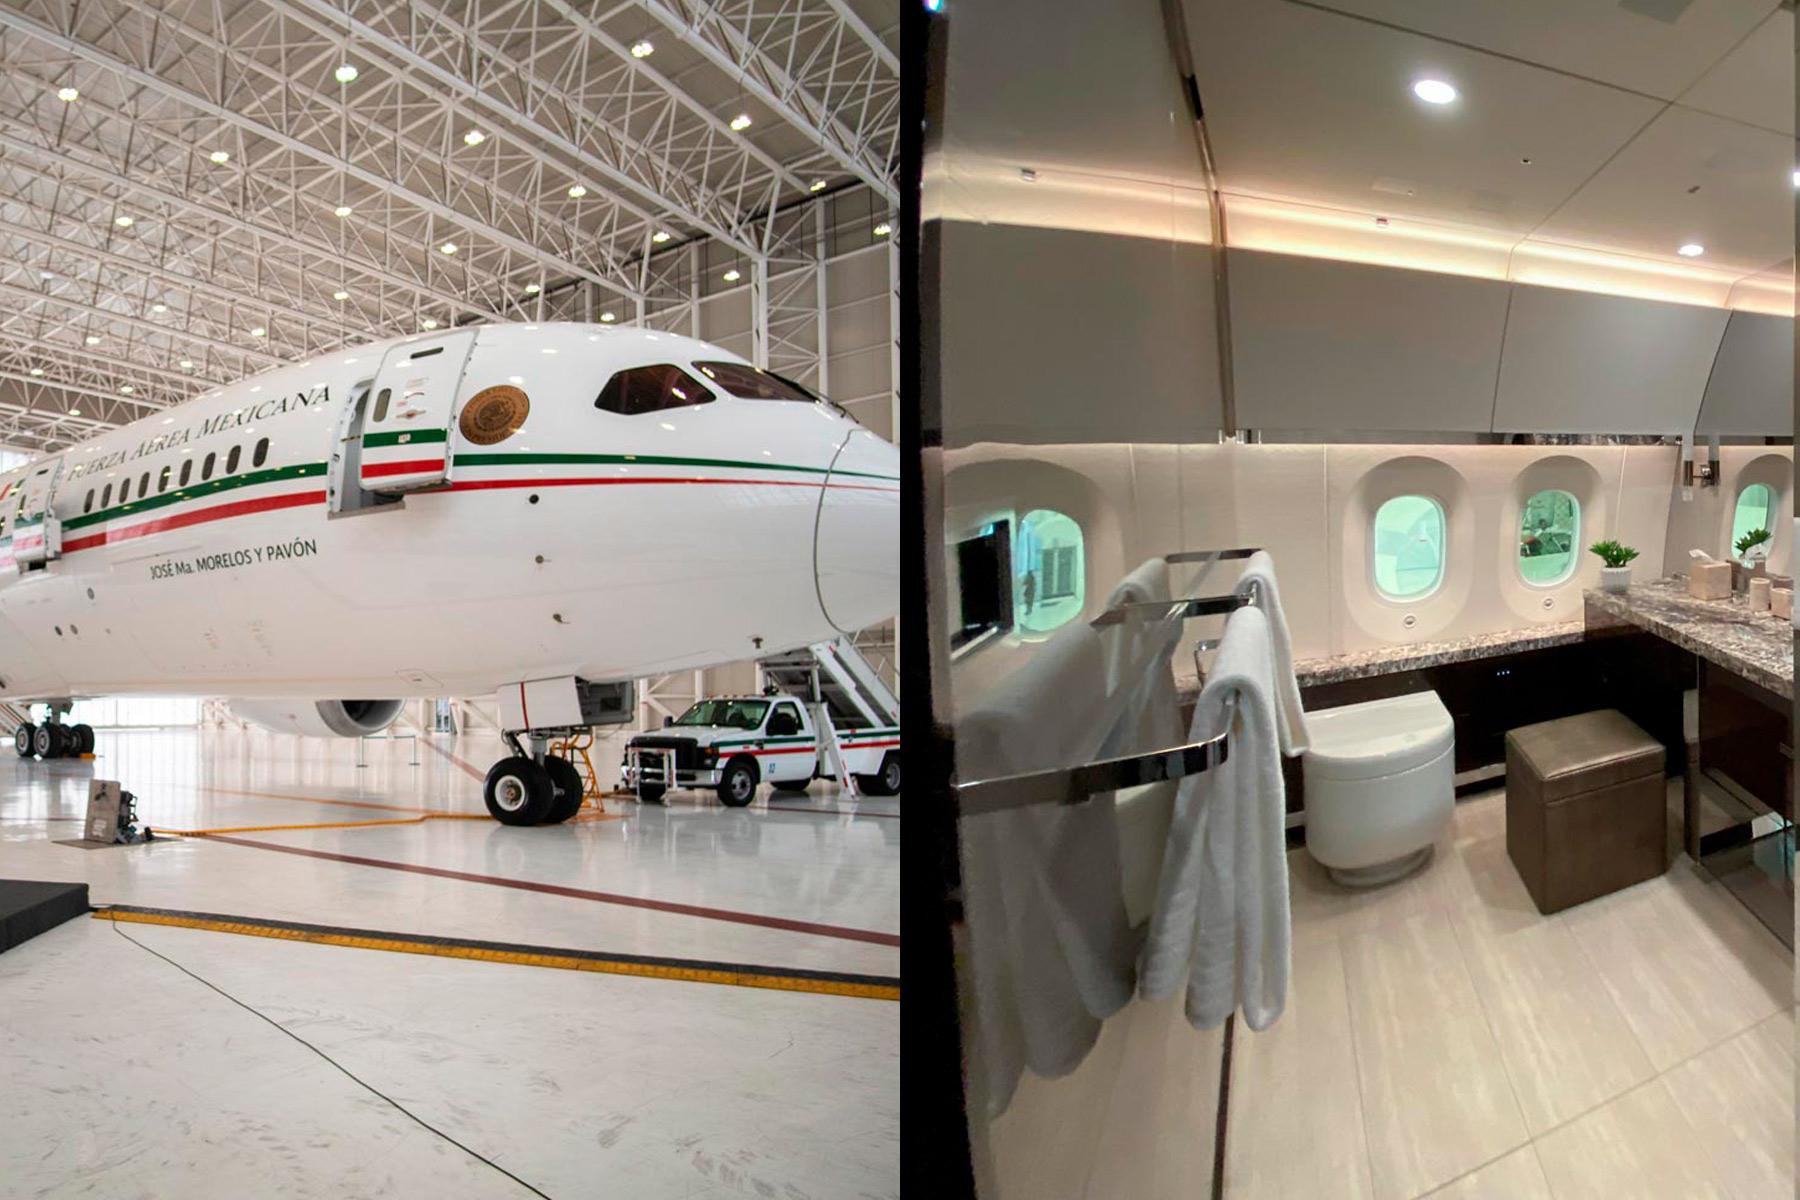 avion-presidencial-asi-se-ve-por-dentro0